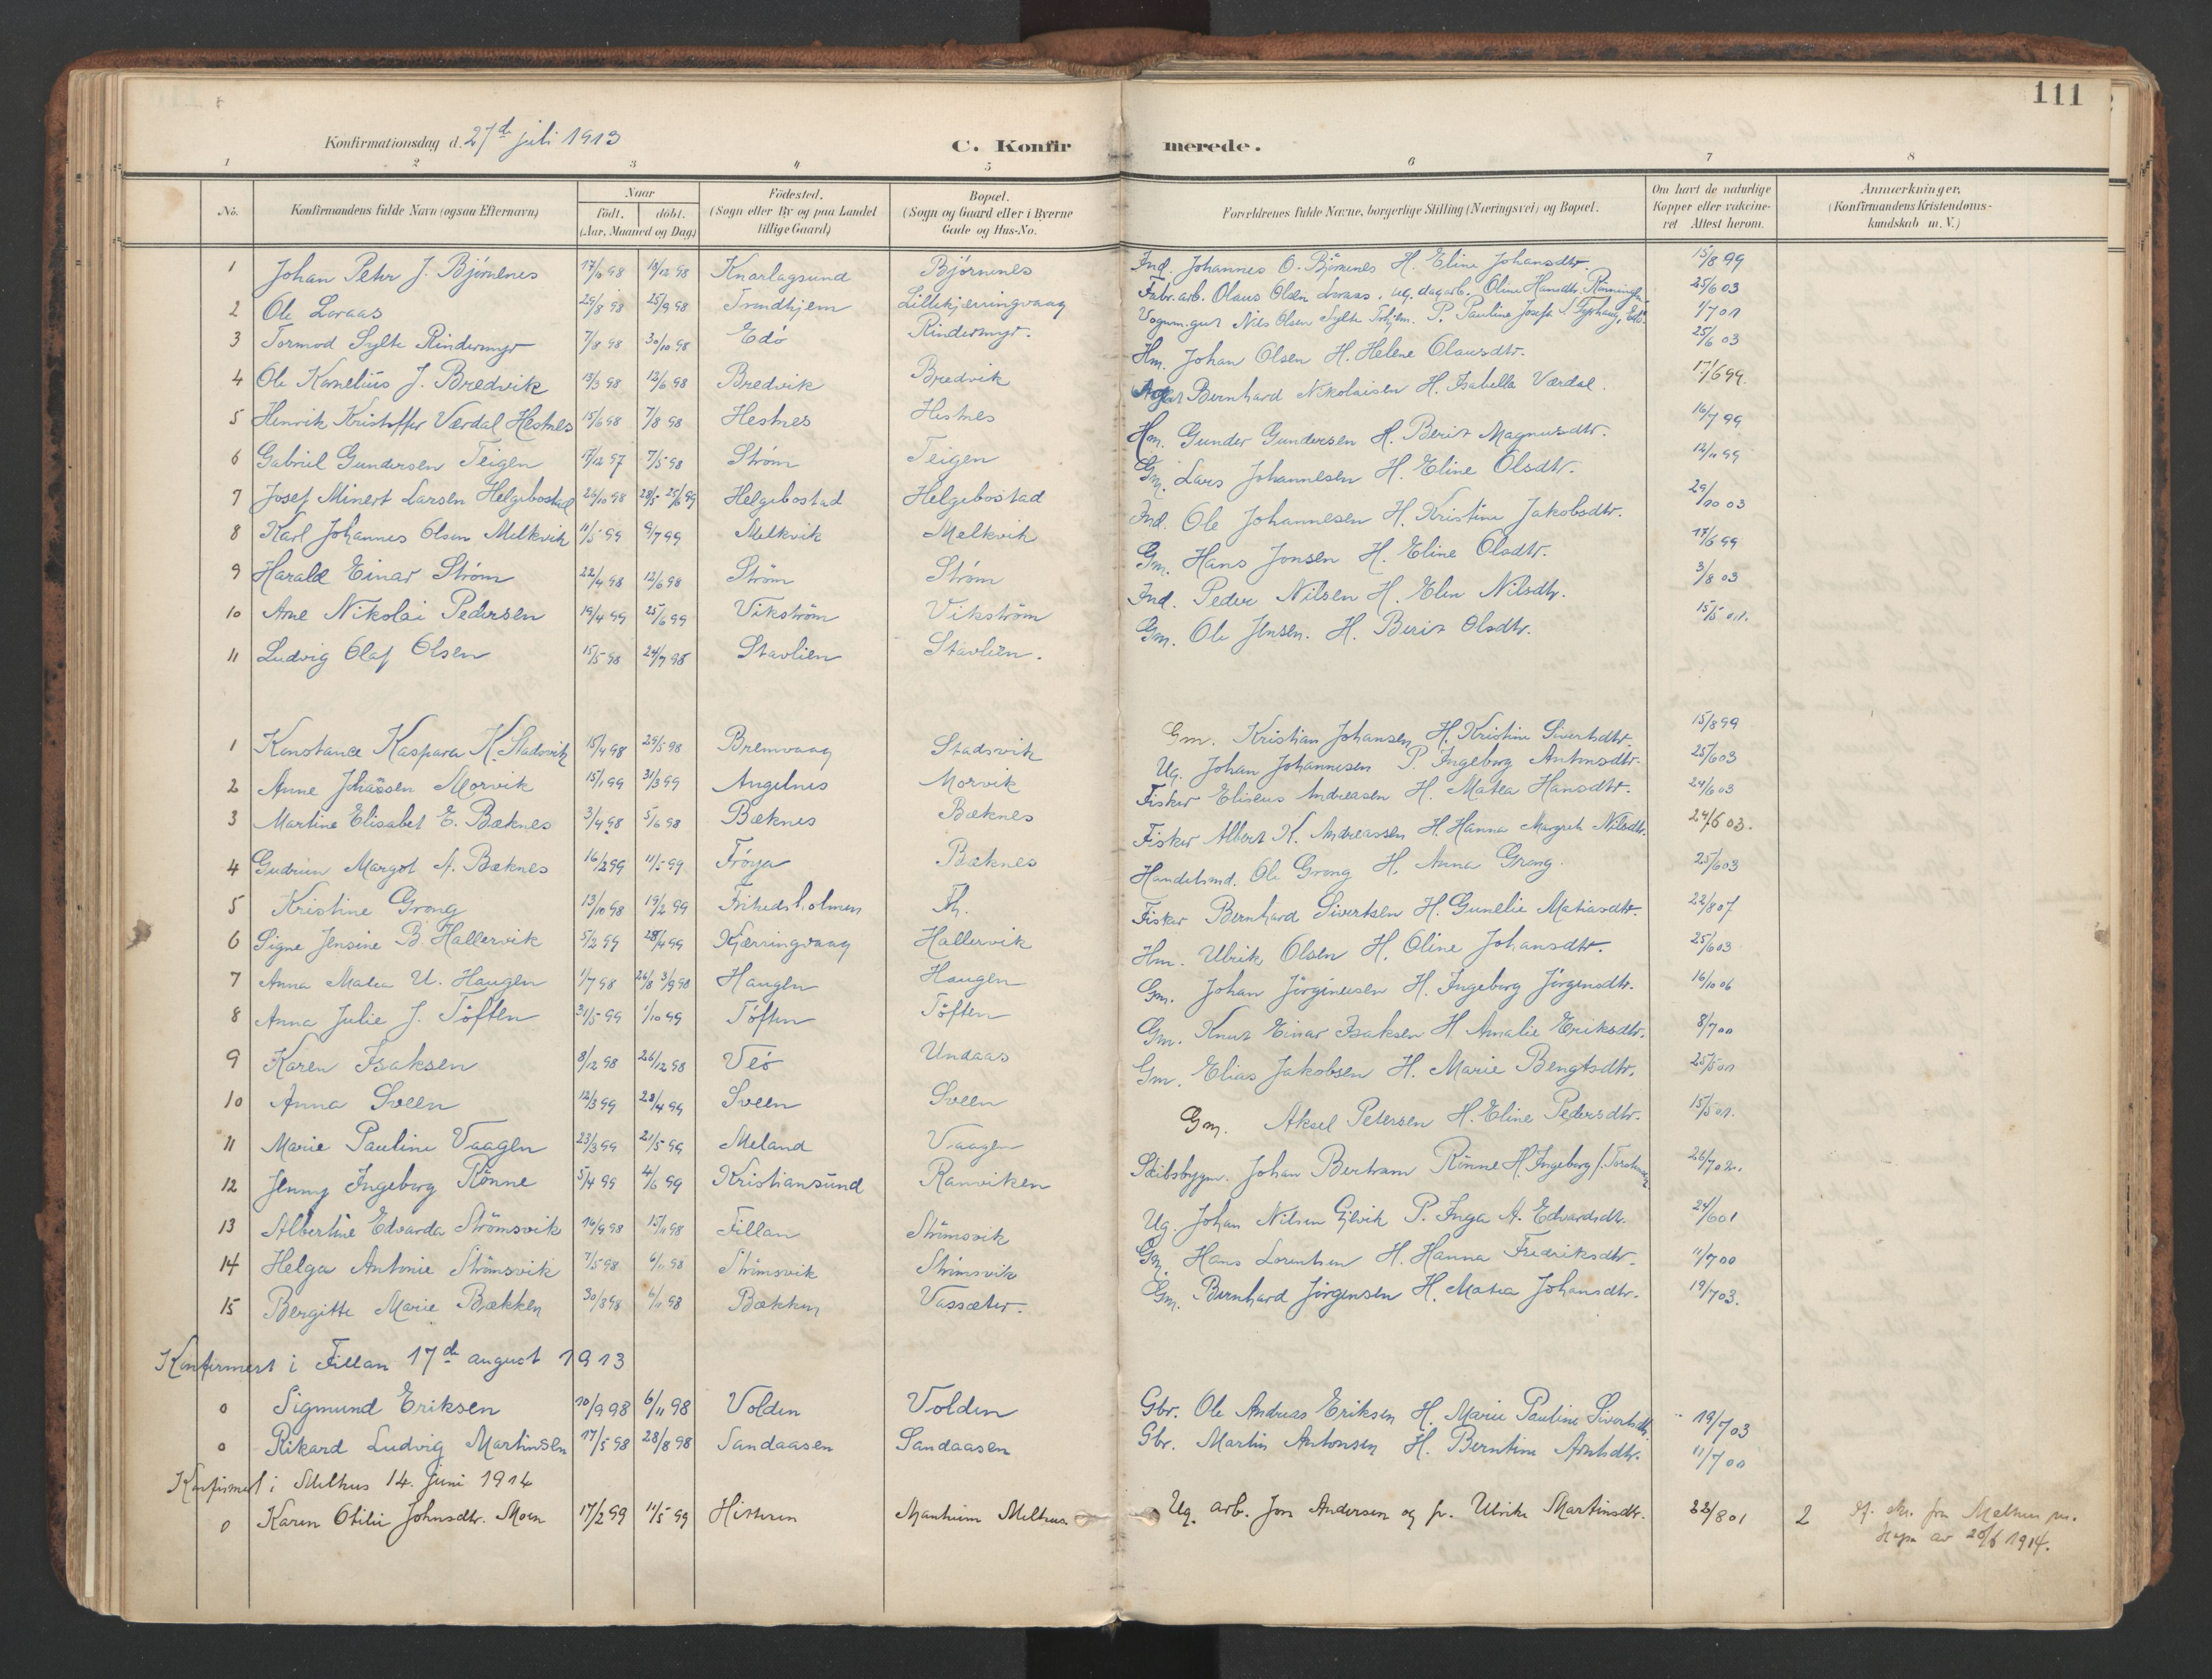 SAT, Ministerialprotokoller, klokkerbøker og fødselsregistre - Sør-Trøndelag, 634/L0537: Ministerialbok nr. 634A13, 1896-1922, s. 111